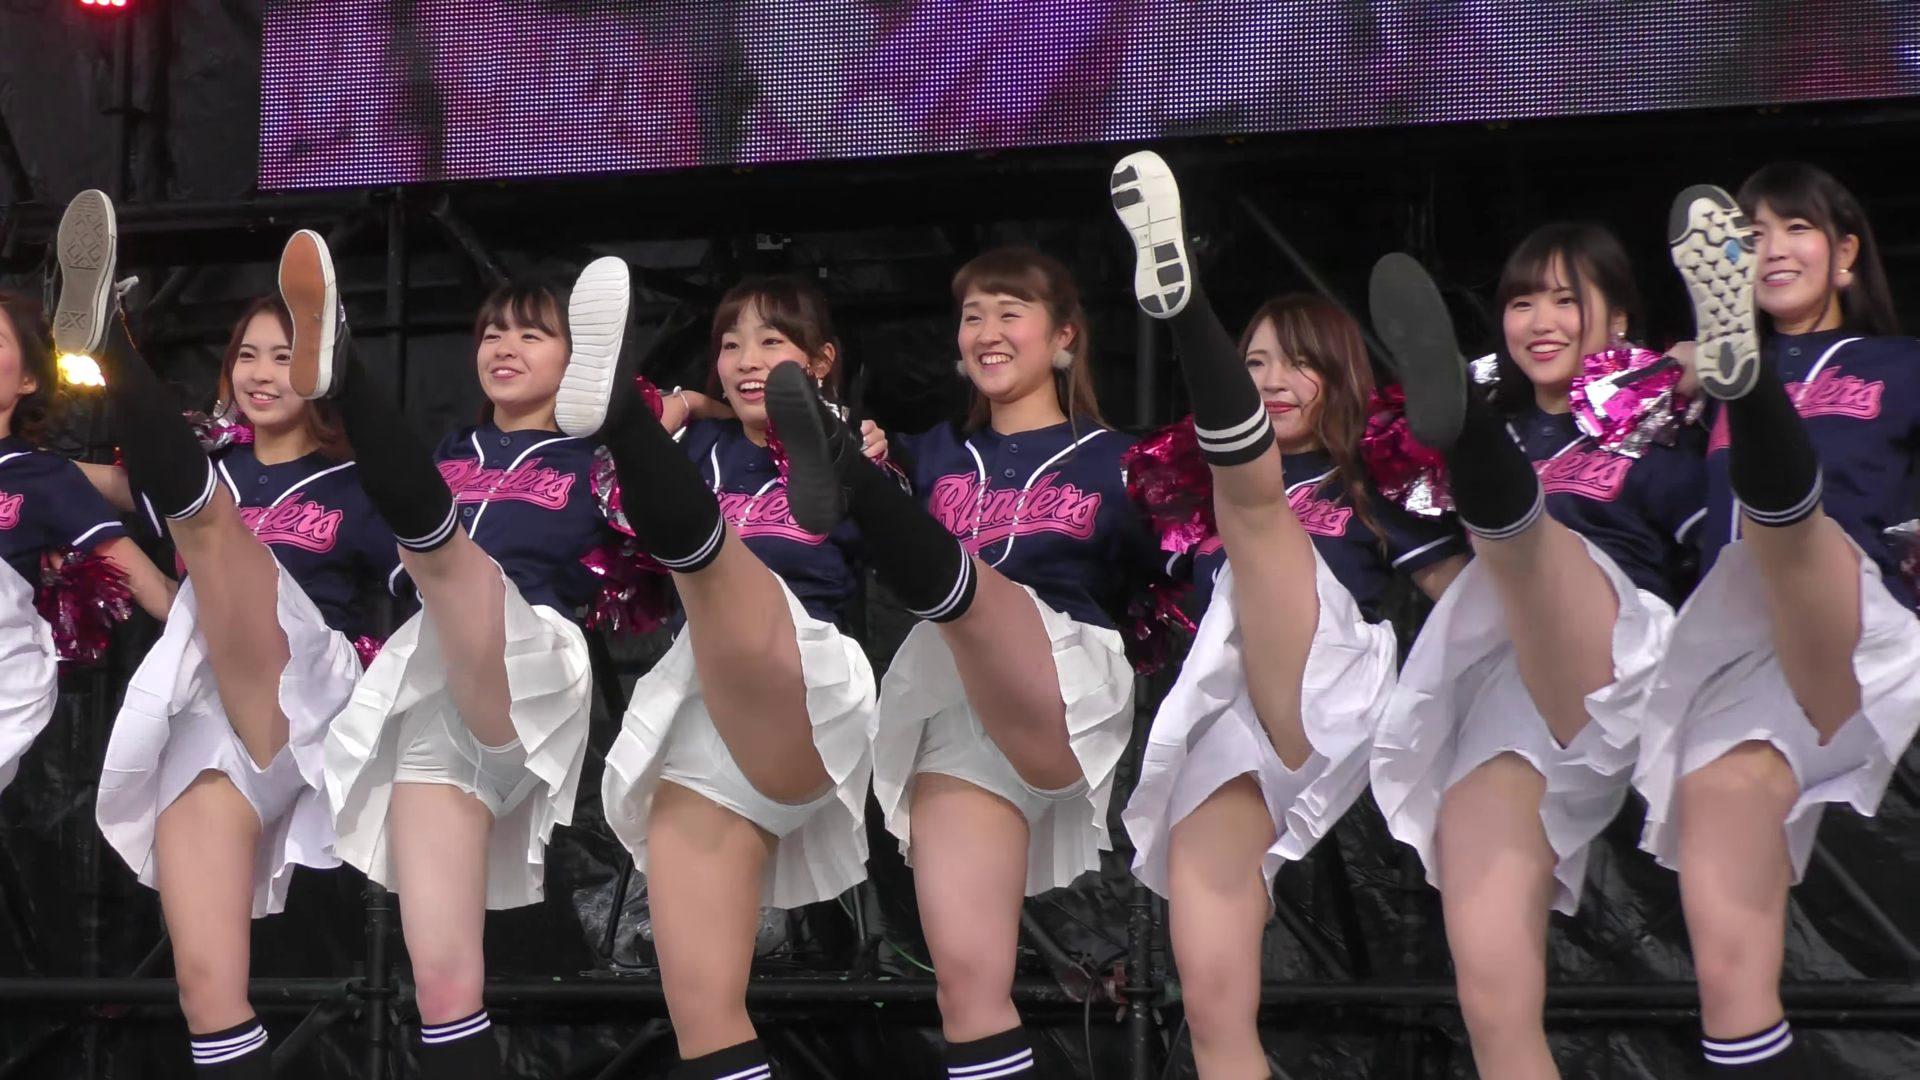 【4K】立命館大学 BLENDERS チアダンス ③ 学園祭 BKC祭 01:31